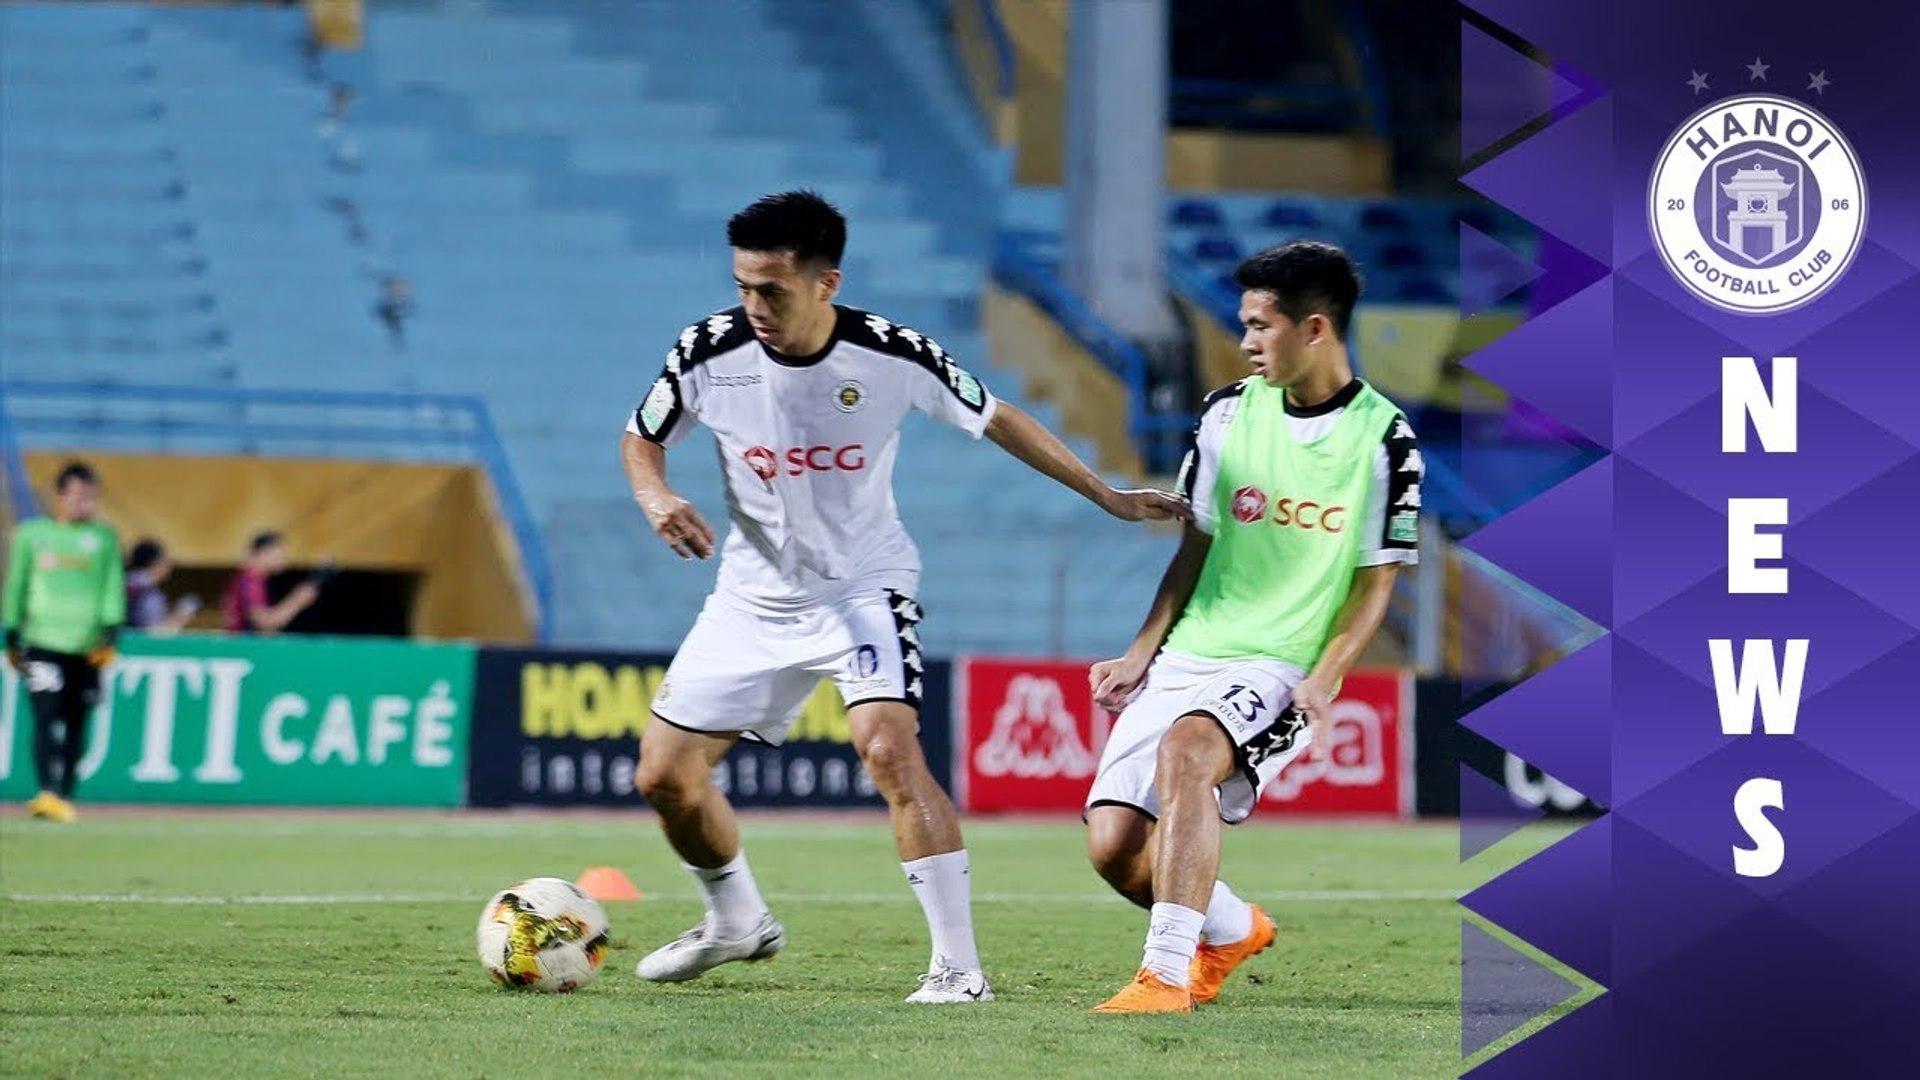 Trực tiếp | Không khí trước trận bán kết Lượt đi Cúp Quốc gia | Hà Nội vs Bình Dương | HANOI FC